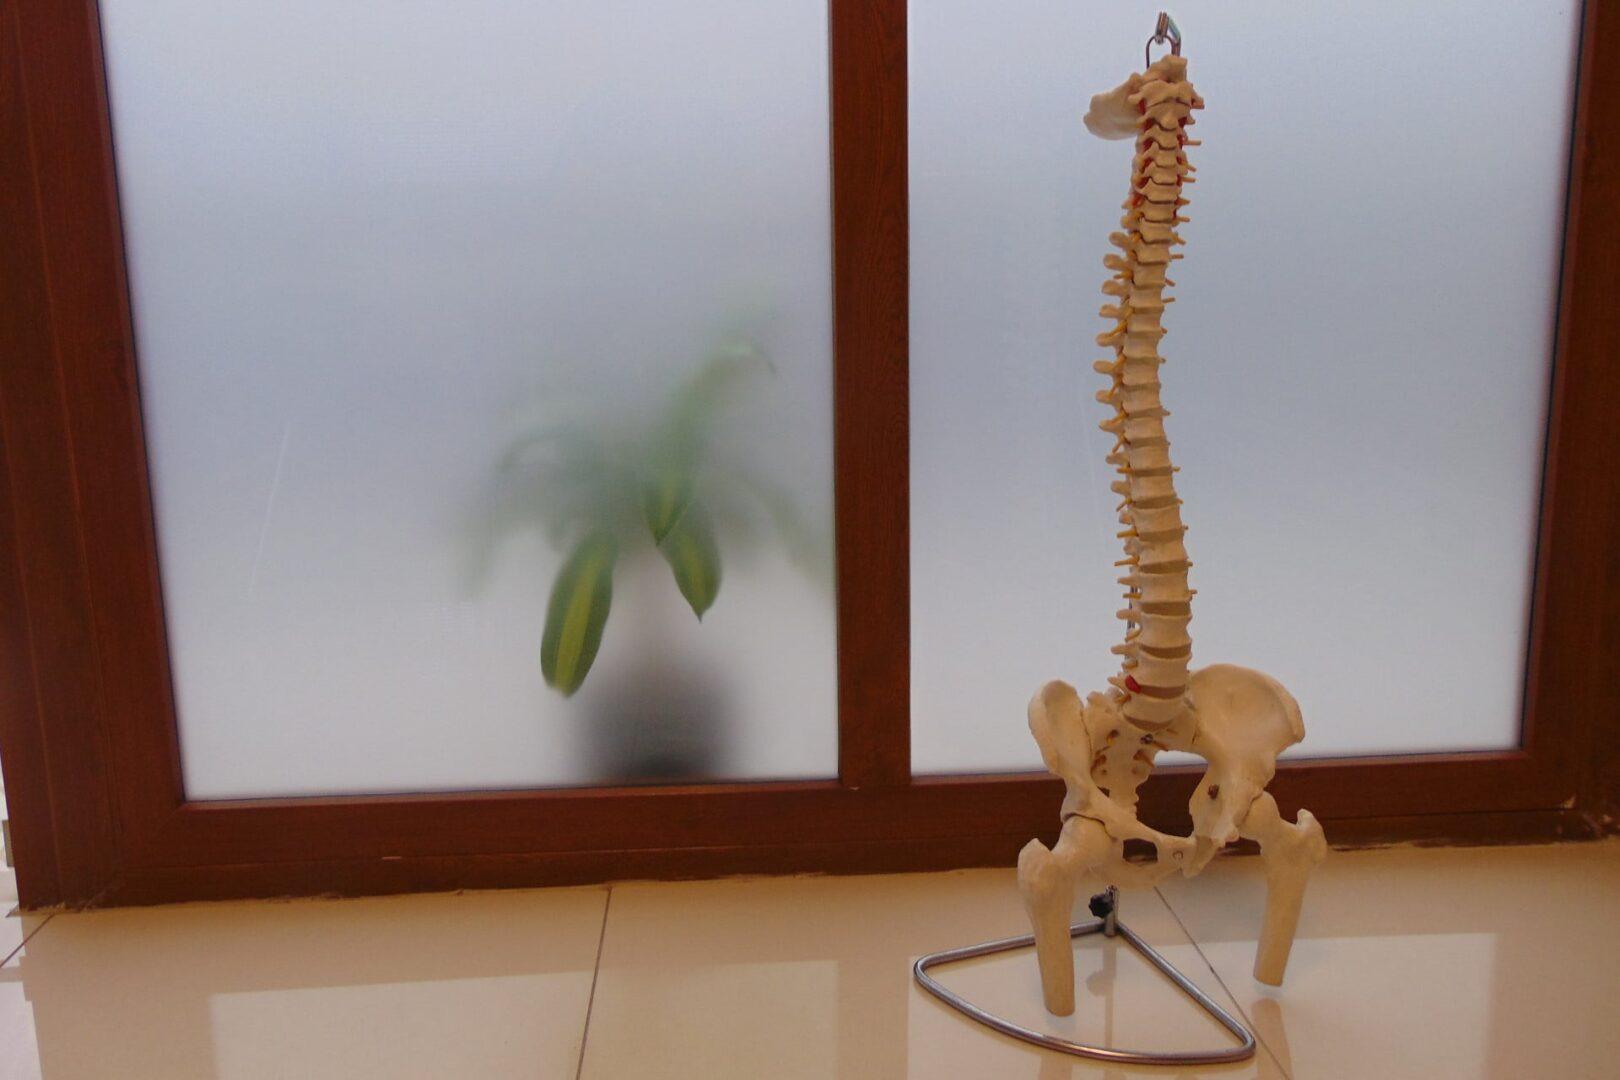 Columna vertebral en pedestal en un box de Oxígeno